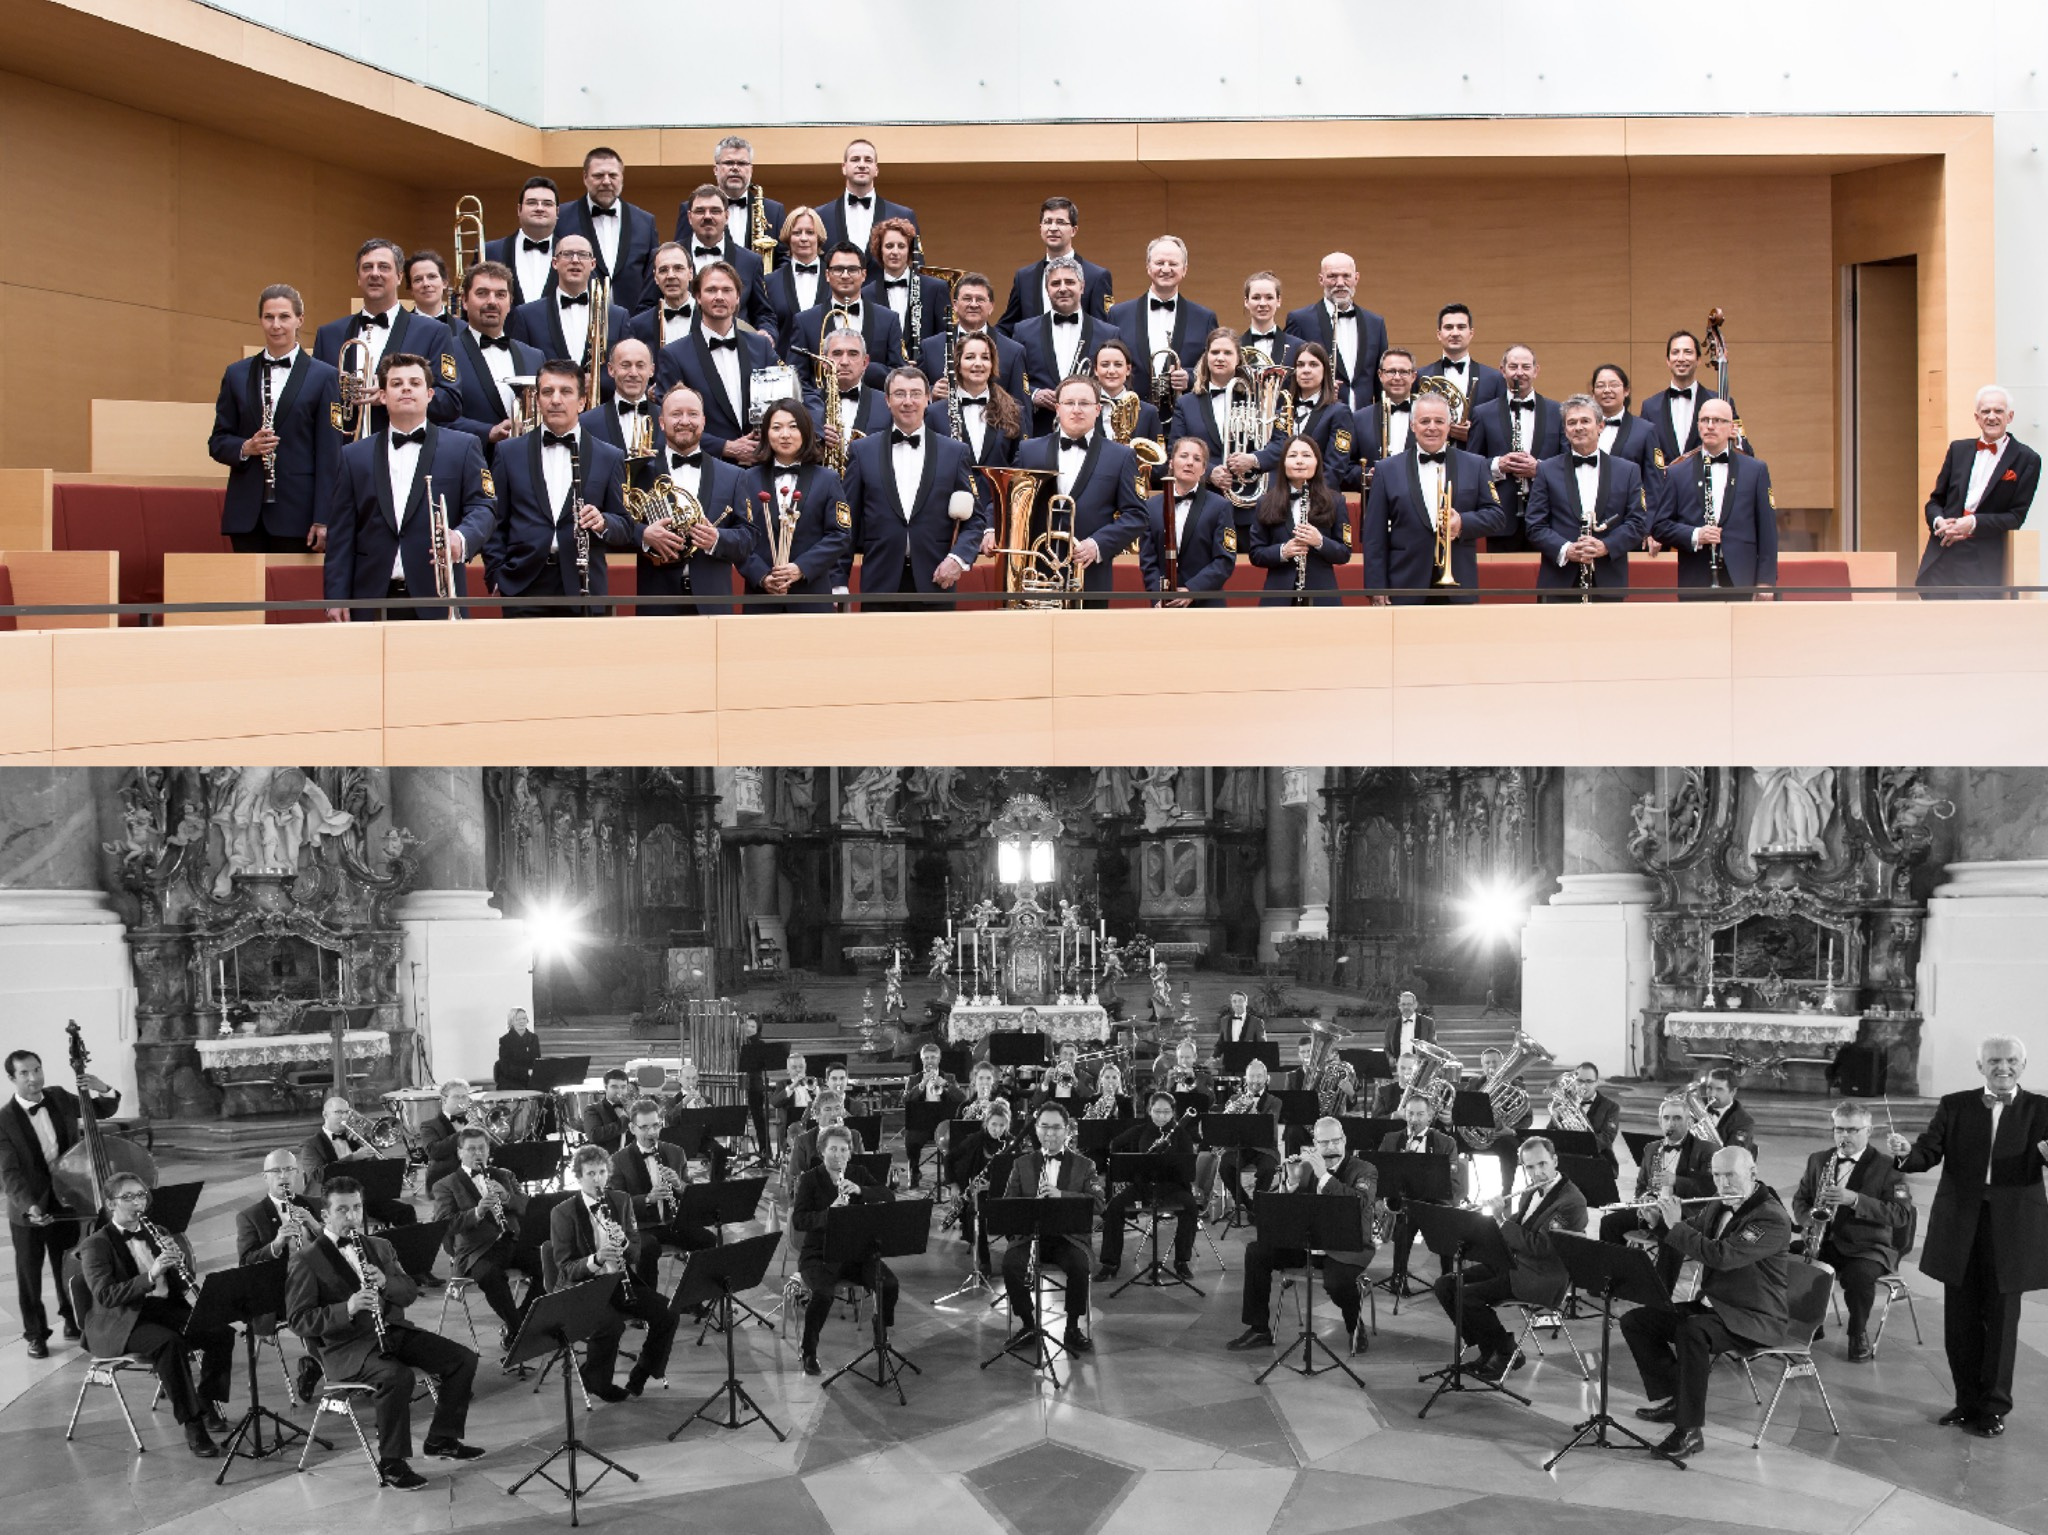 Das Blasorchester der Bayerischen Polizei besteht aus 45 studierten Berufsmusikerinnen und -musikern. Fotos: Tobias Epp, Bayerische Bereitschaftspolizei (oben), Benjamin Müller, Marvin Pfeifer (unten)